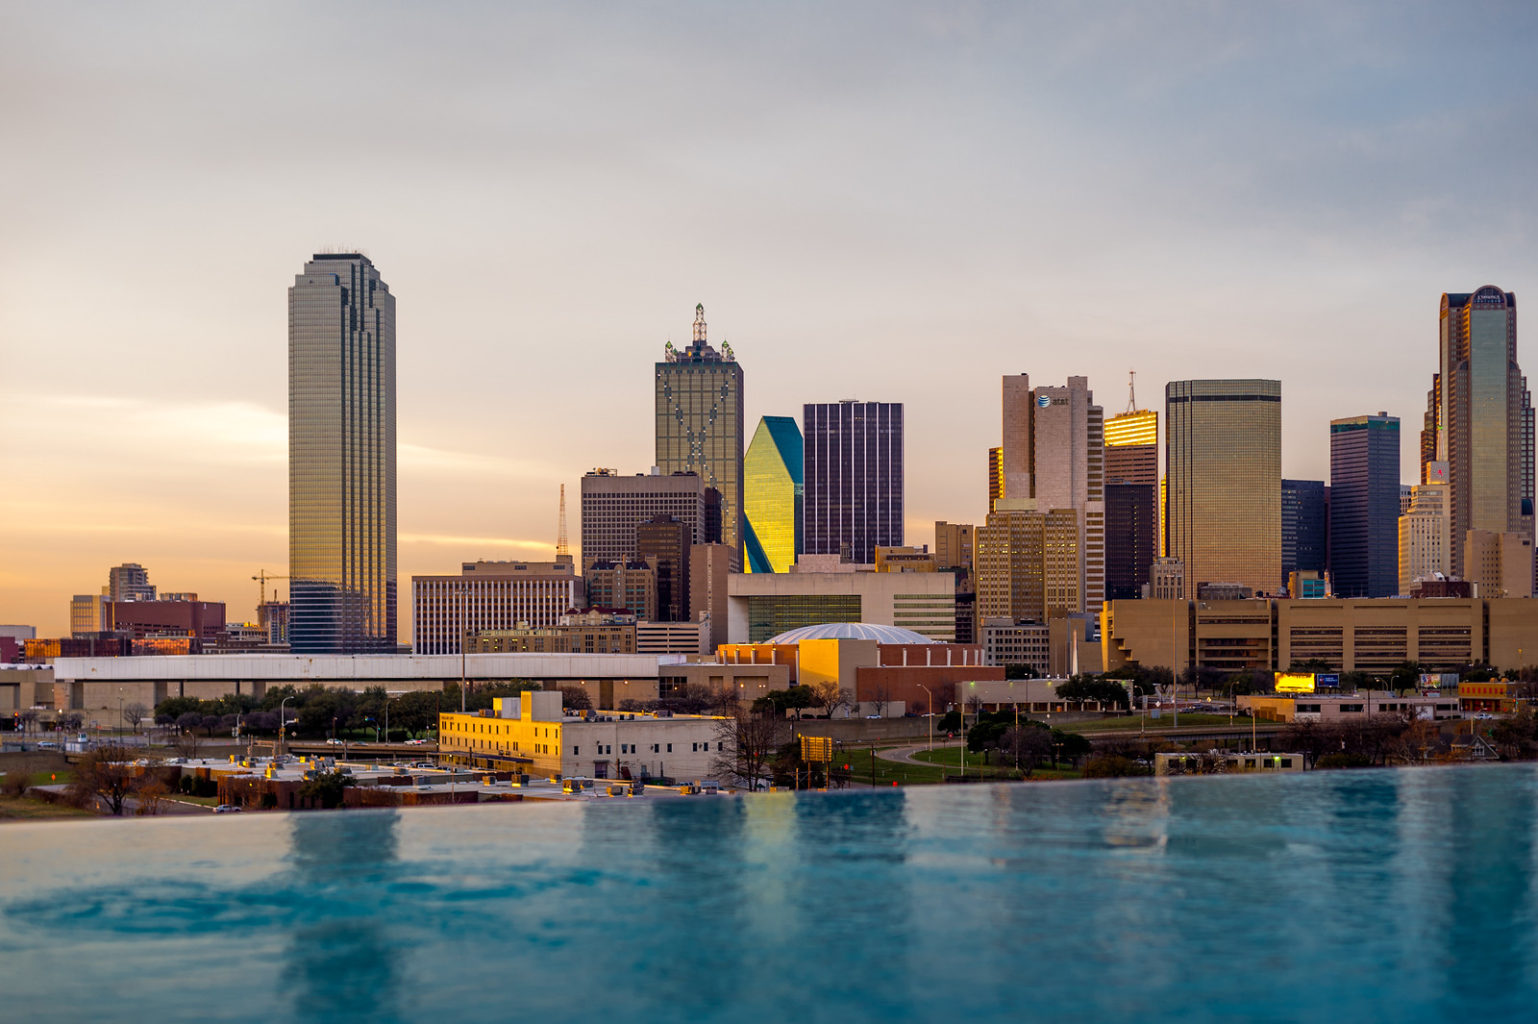 Image of Dallas Texas.